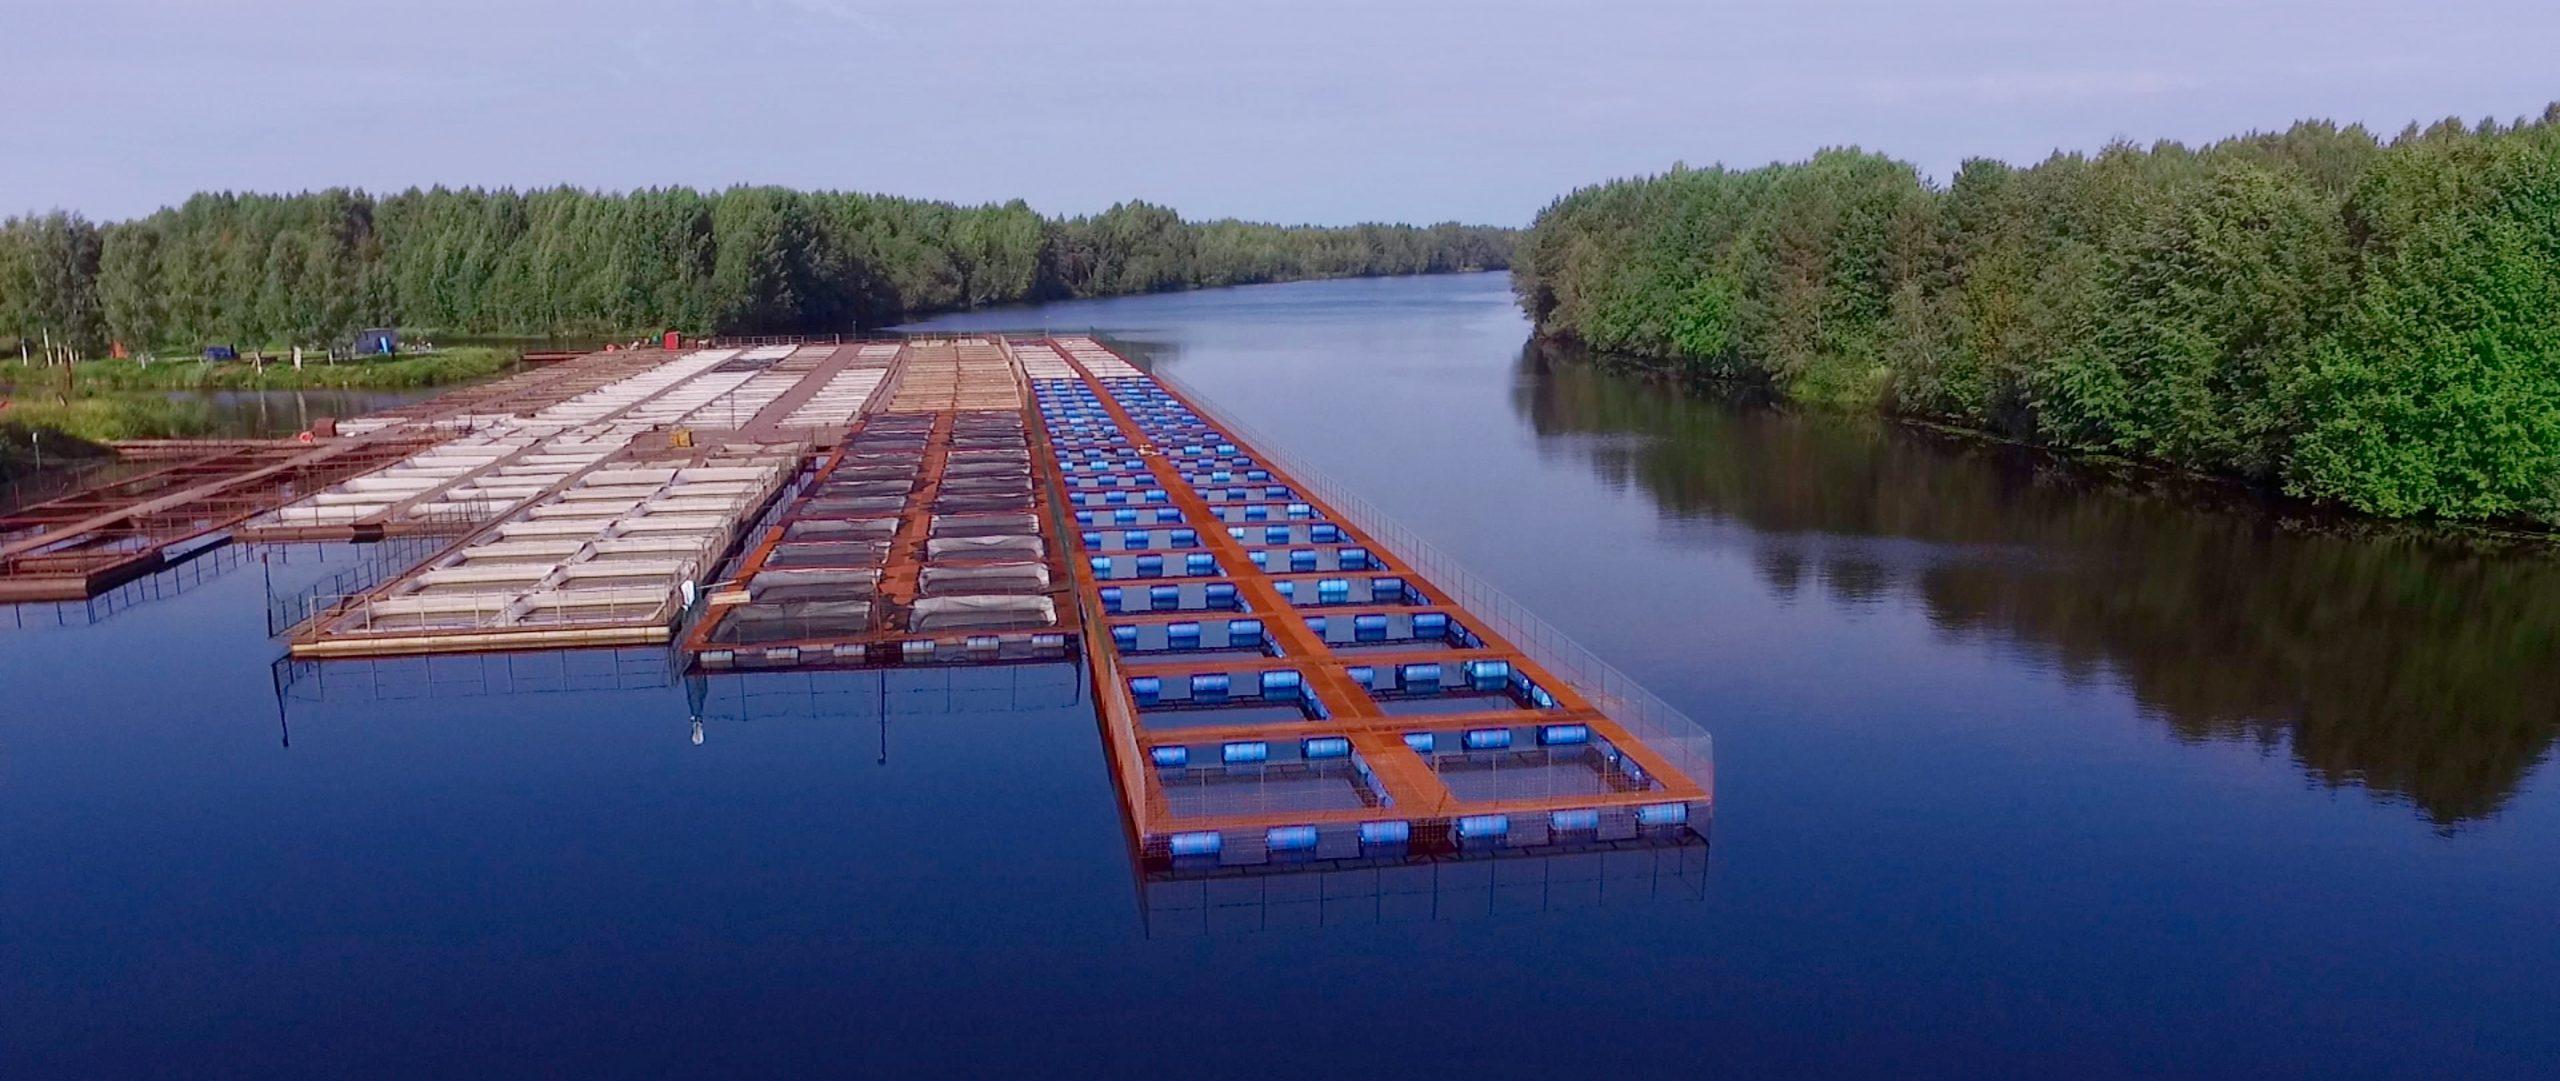 Садки на реке. Предприятия аквакультуры. Выращивание и содержание рыбы.